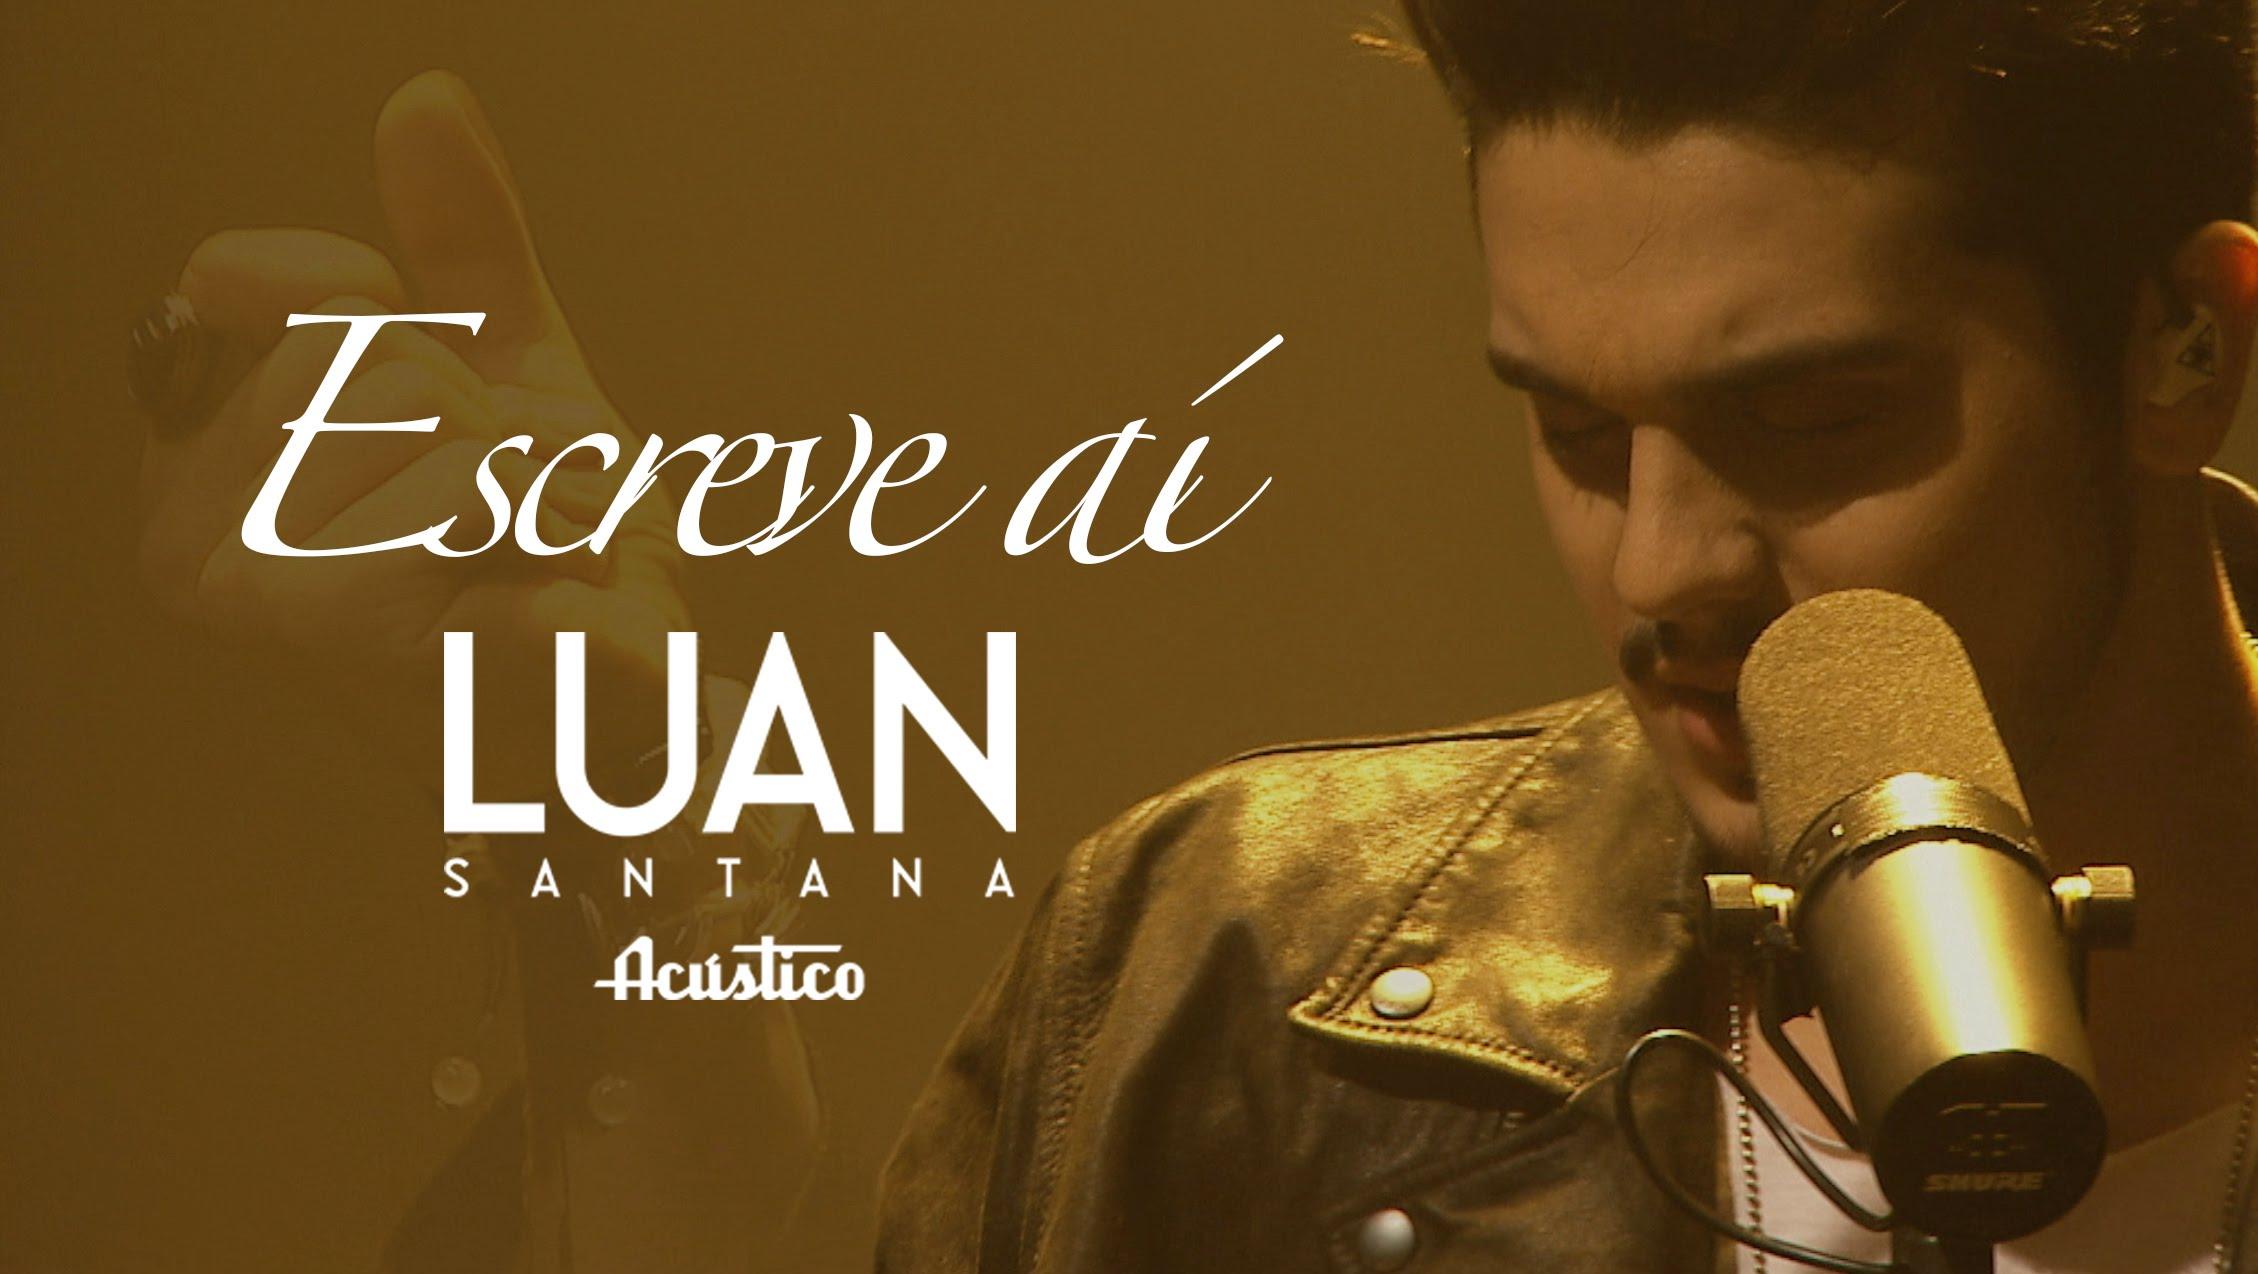 """Luan Santana com a música """"Escreve aí"""" foi o clipe mais visualizado pelos brasileiros"""